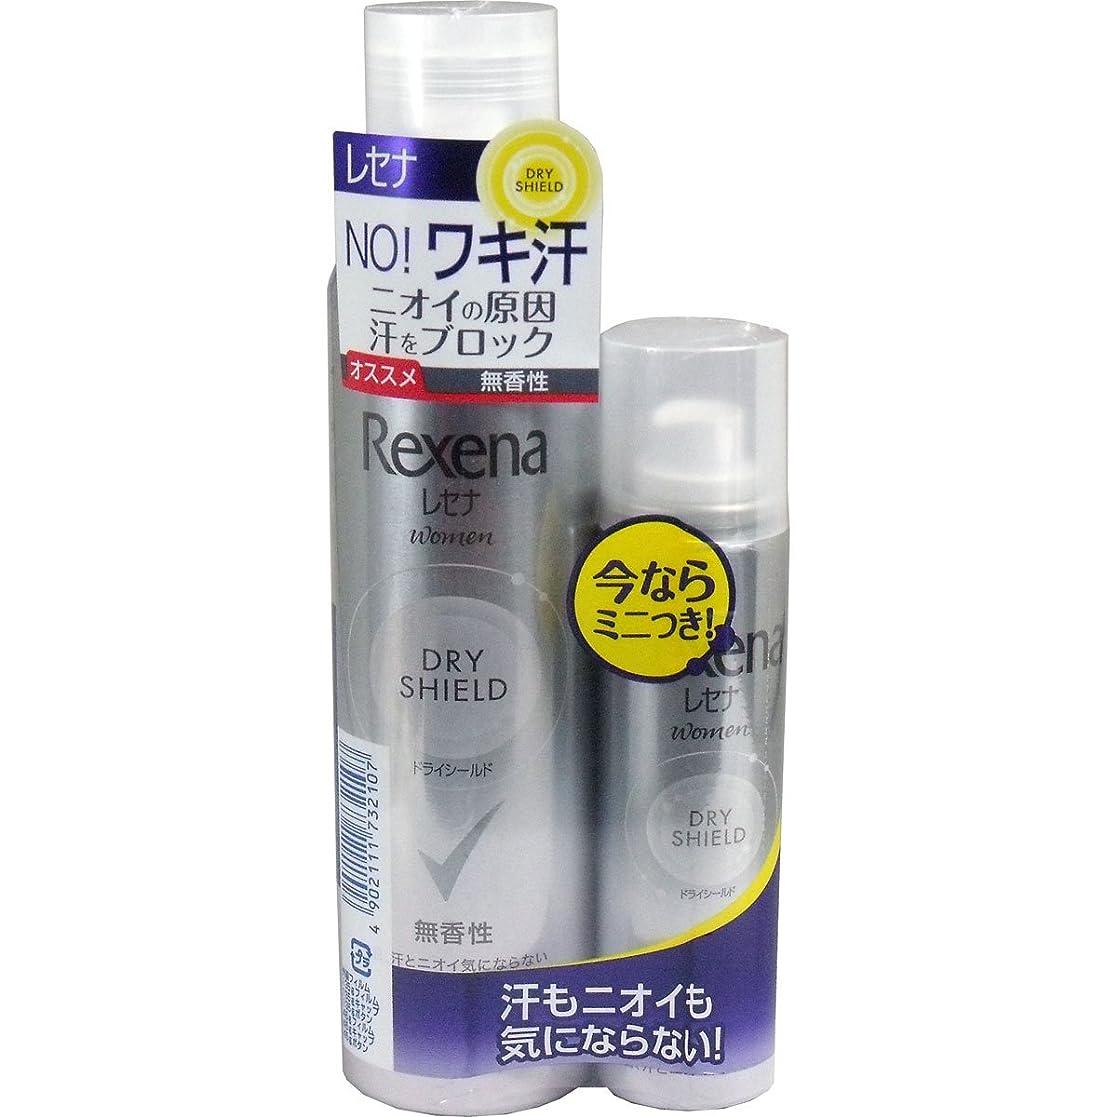 証人スポークスマンレンチレセナ ドライシールドパウダースプレー 無香性 135g+(おまけ45g付き)